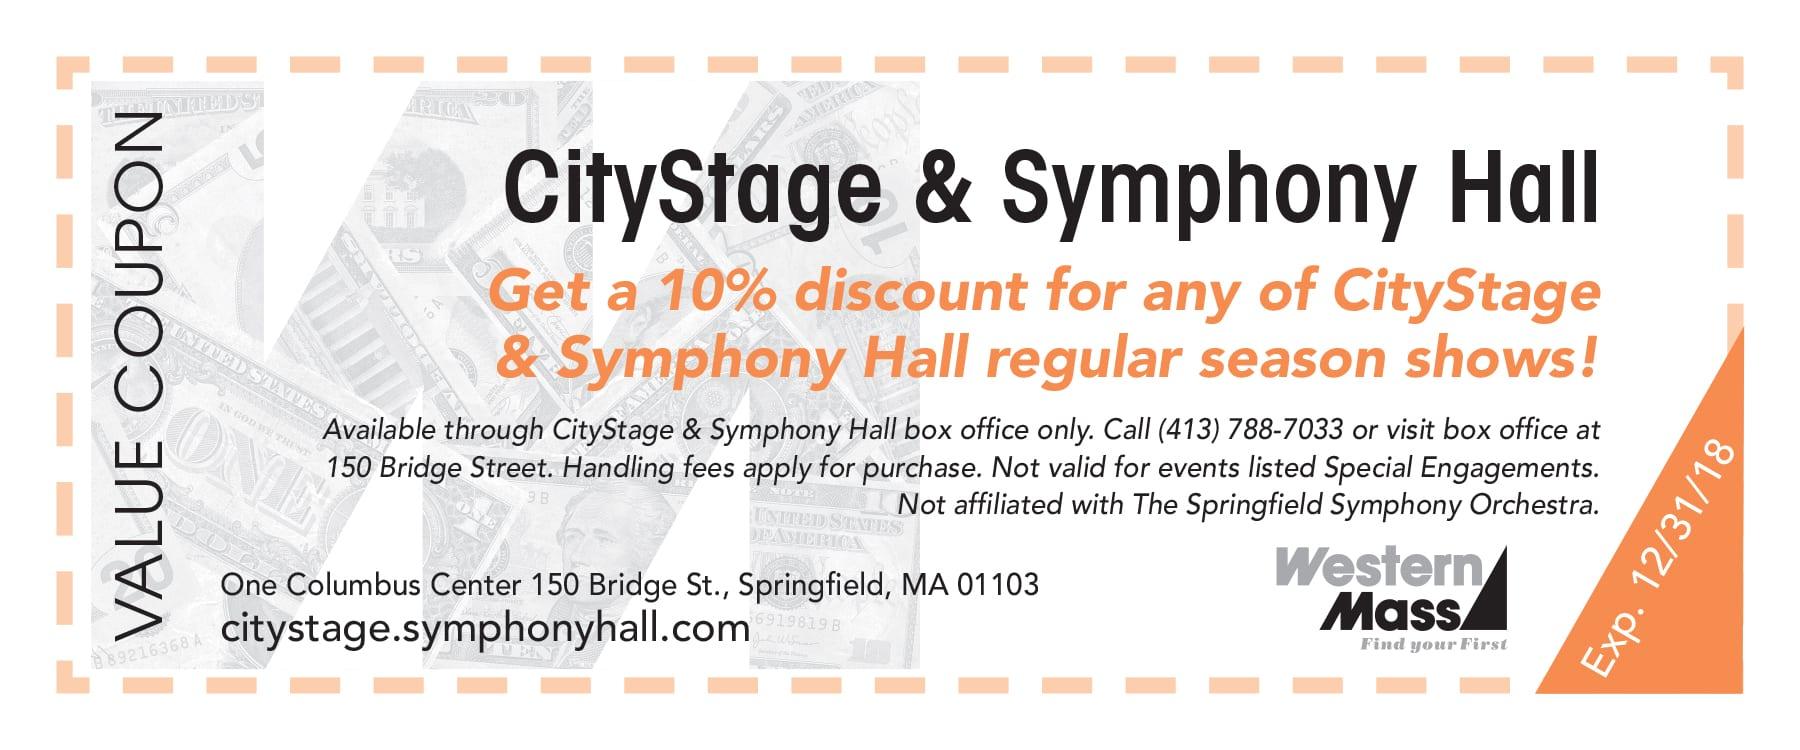 CityStage & Symphony Hall